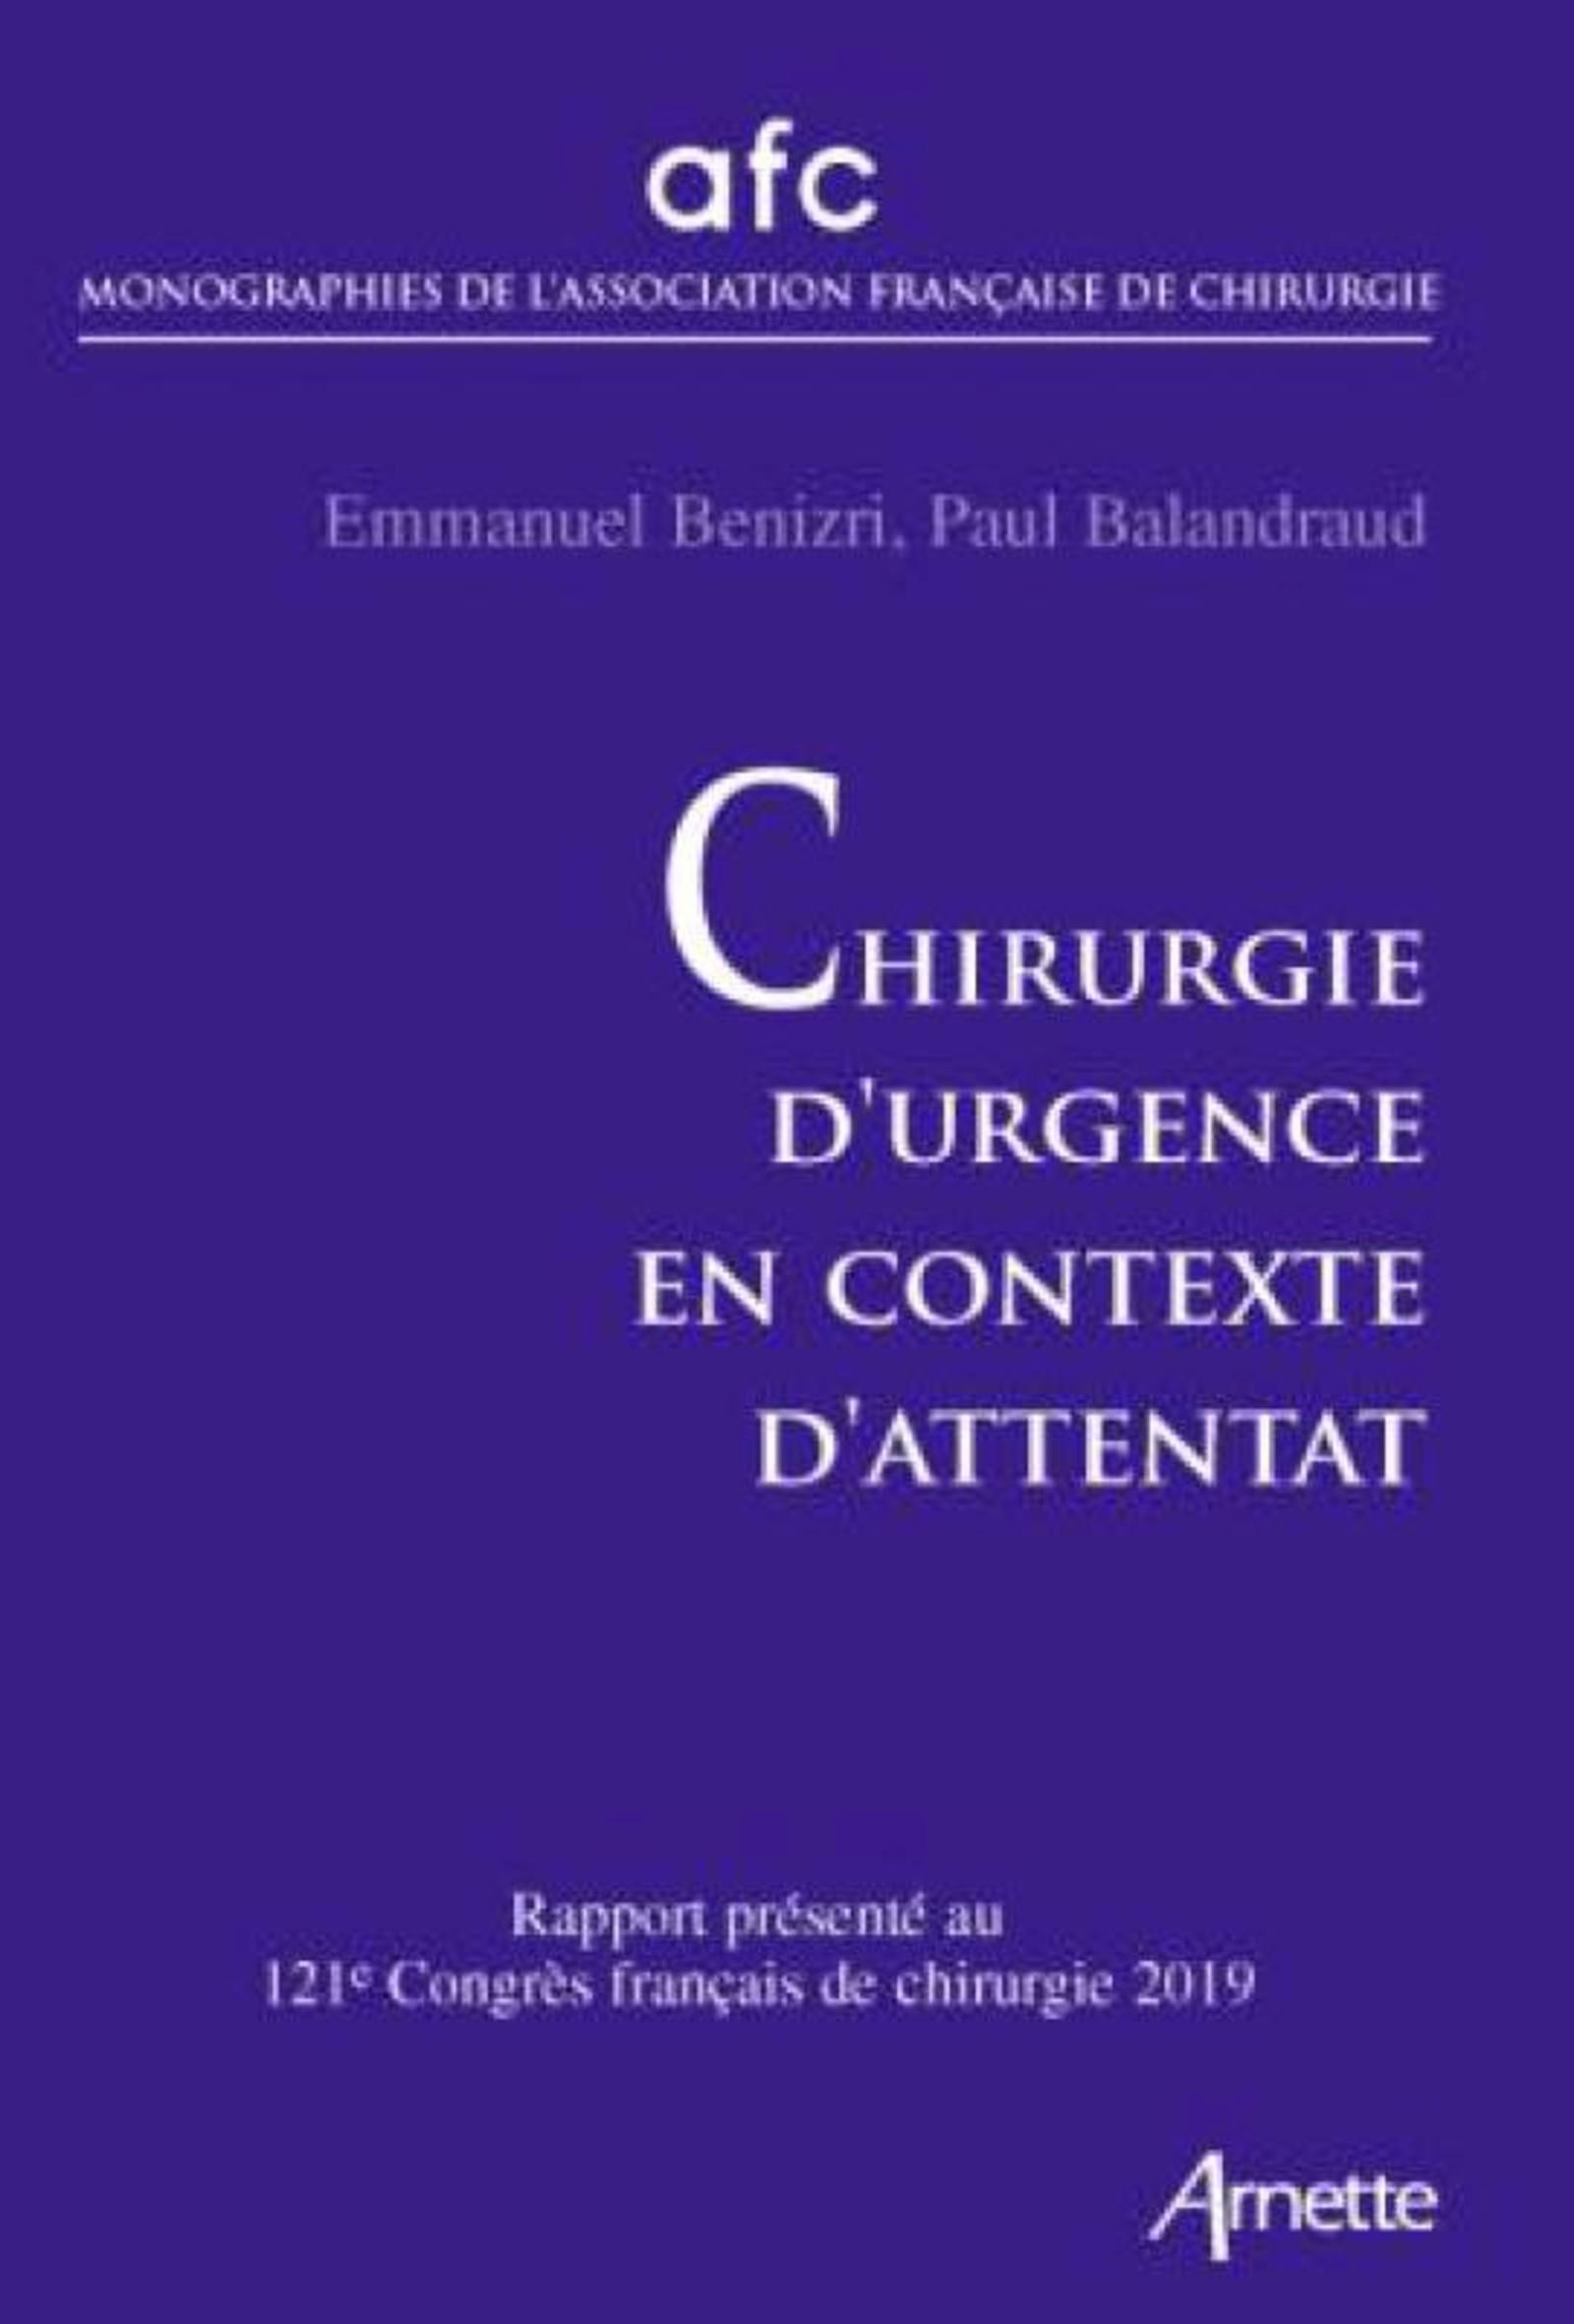 CHIRURGIE D'URGENCE EN CONTEXTE D'ATTENTAT - RAPPORT PRESENTE AU 121E CONGRES FRANCAIS DE CHIRURGIE